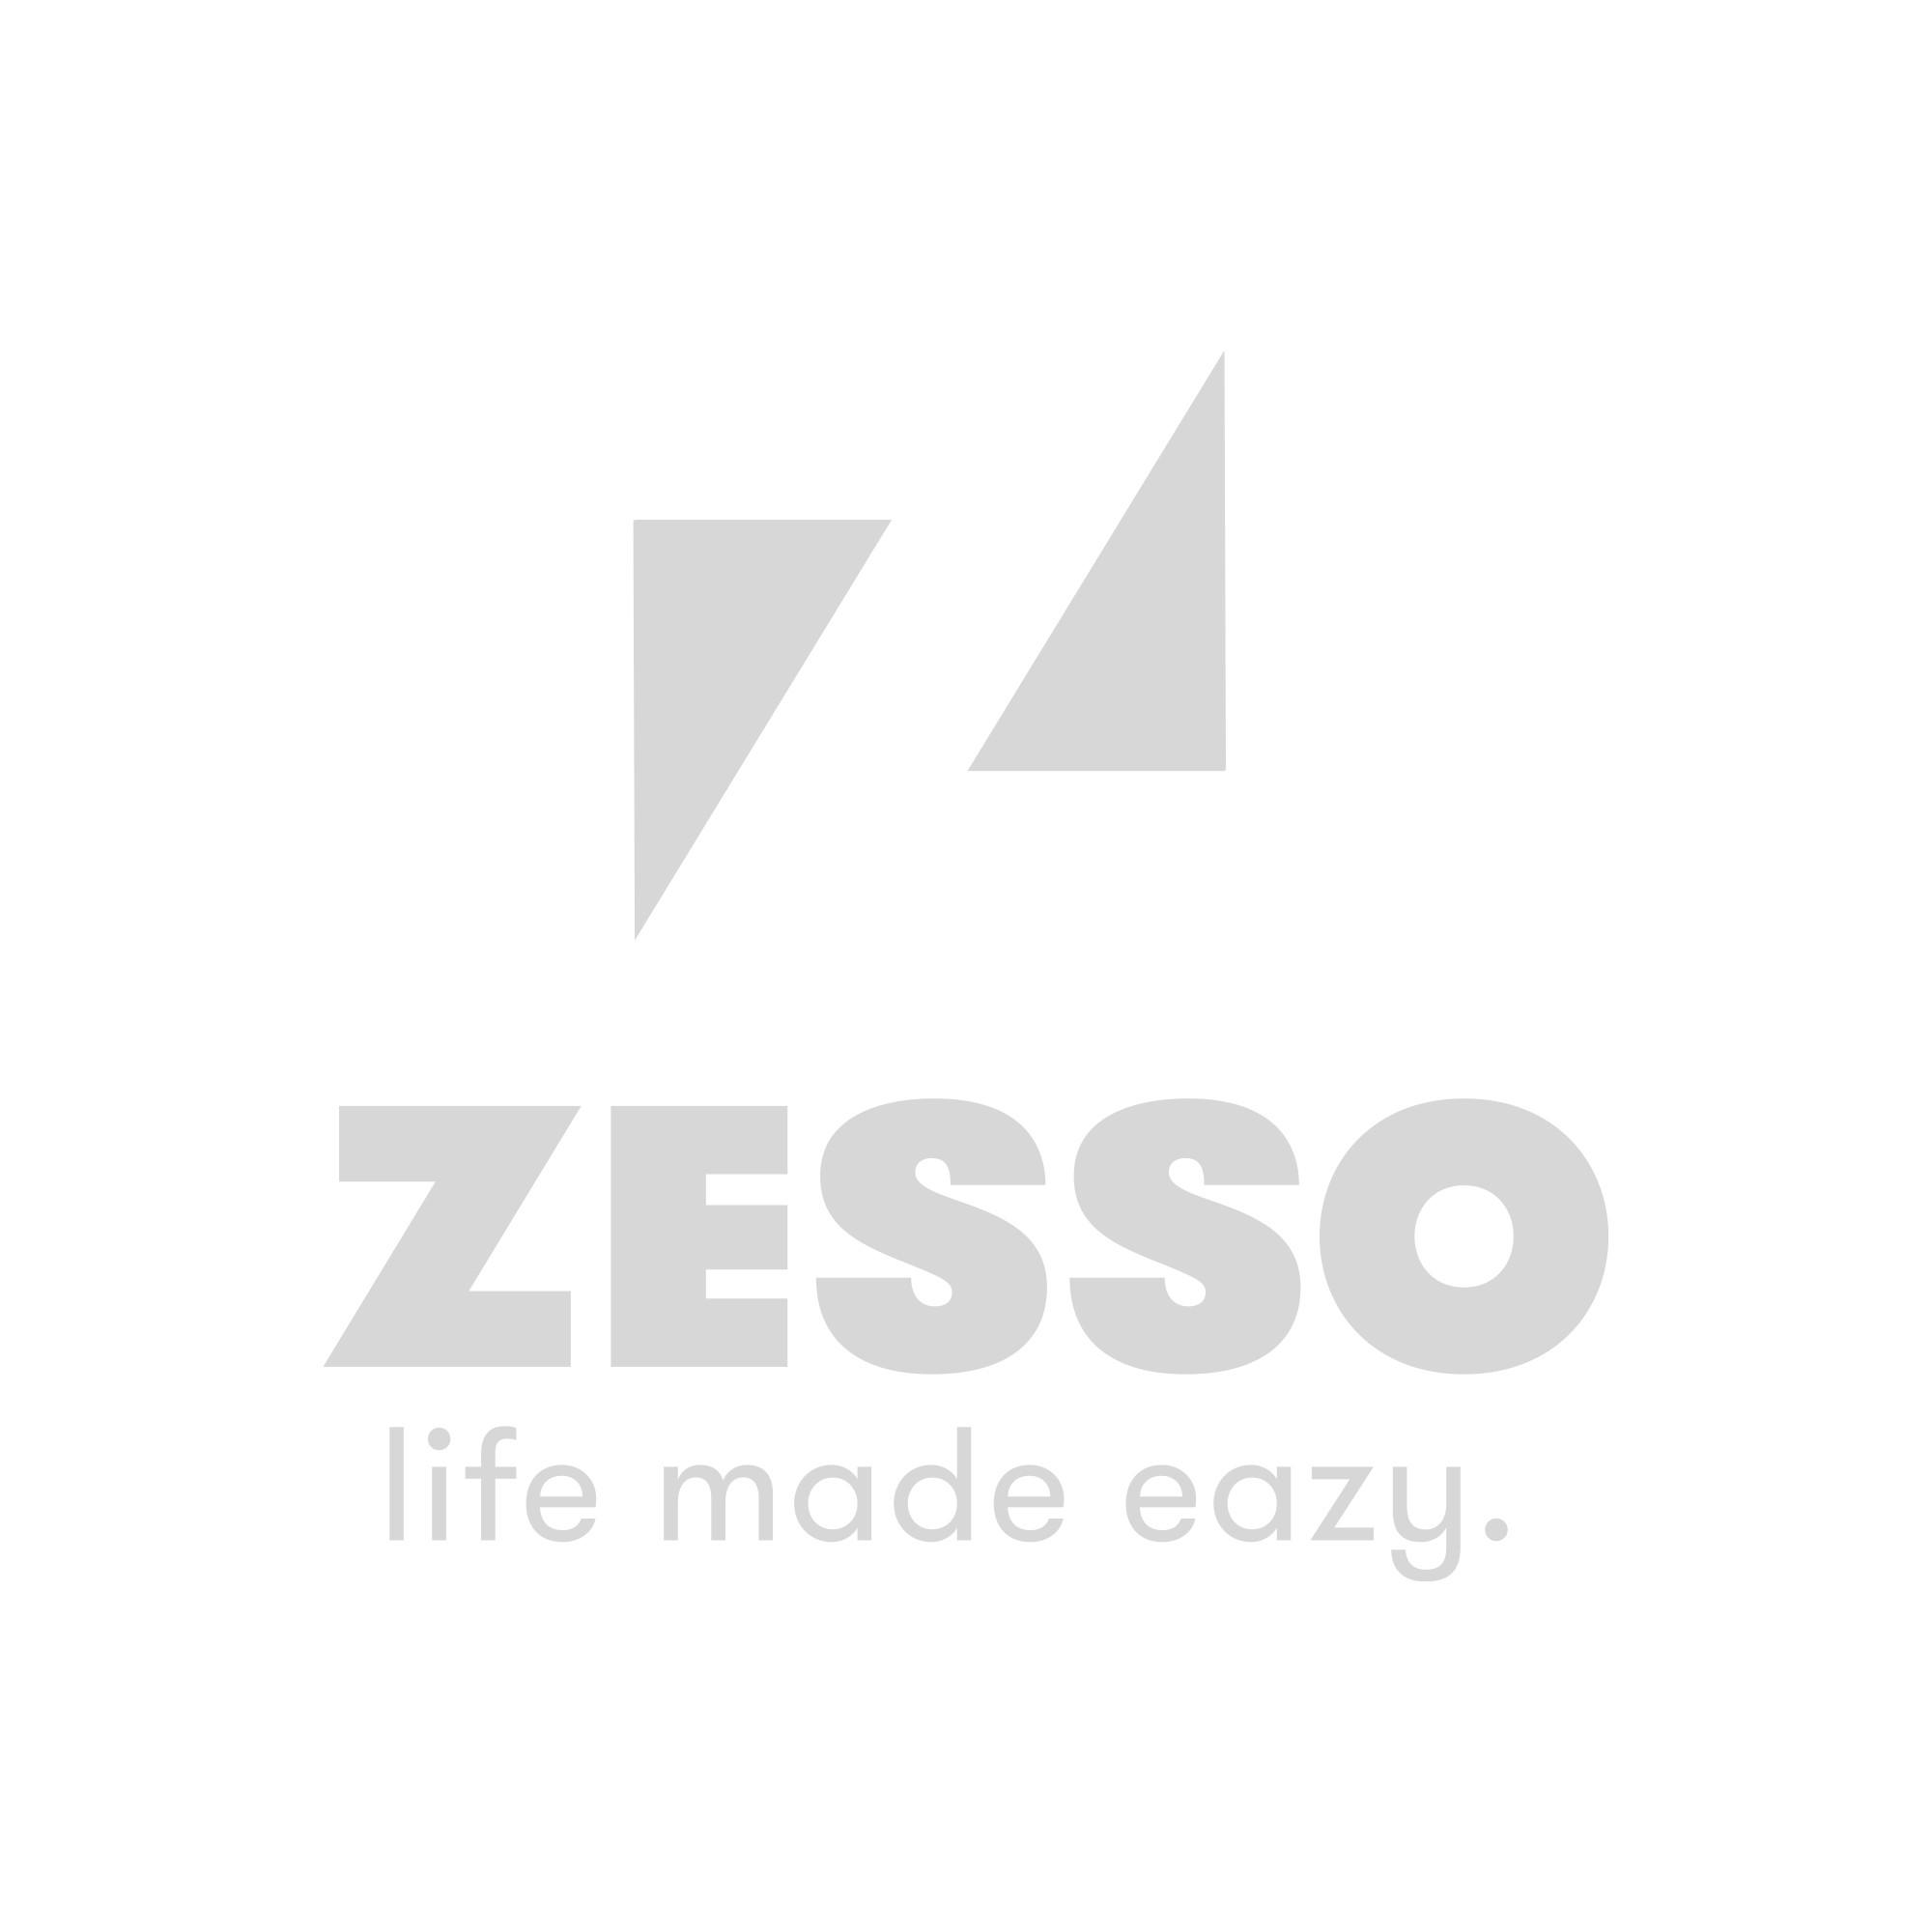 Nesthaus Tafellamp Emma Zwart